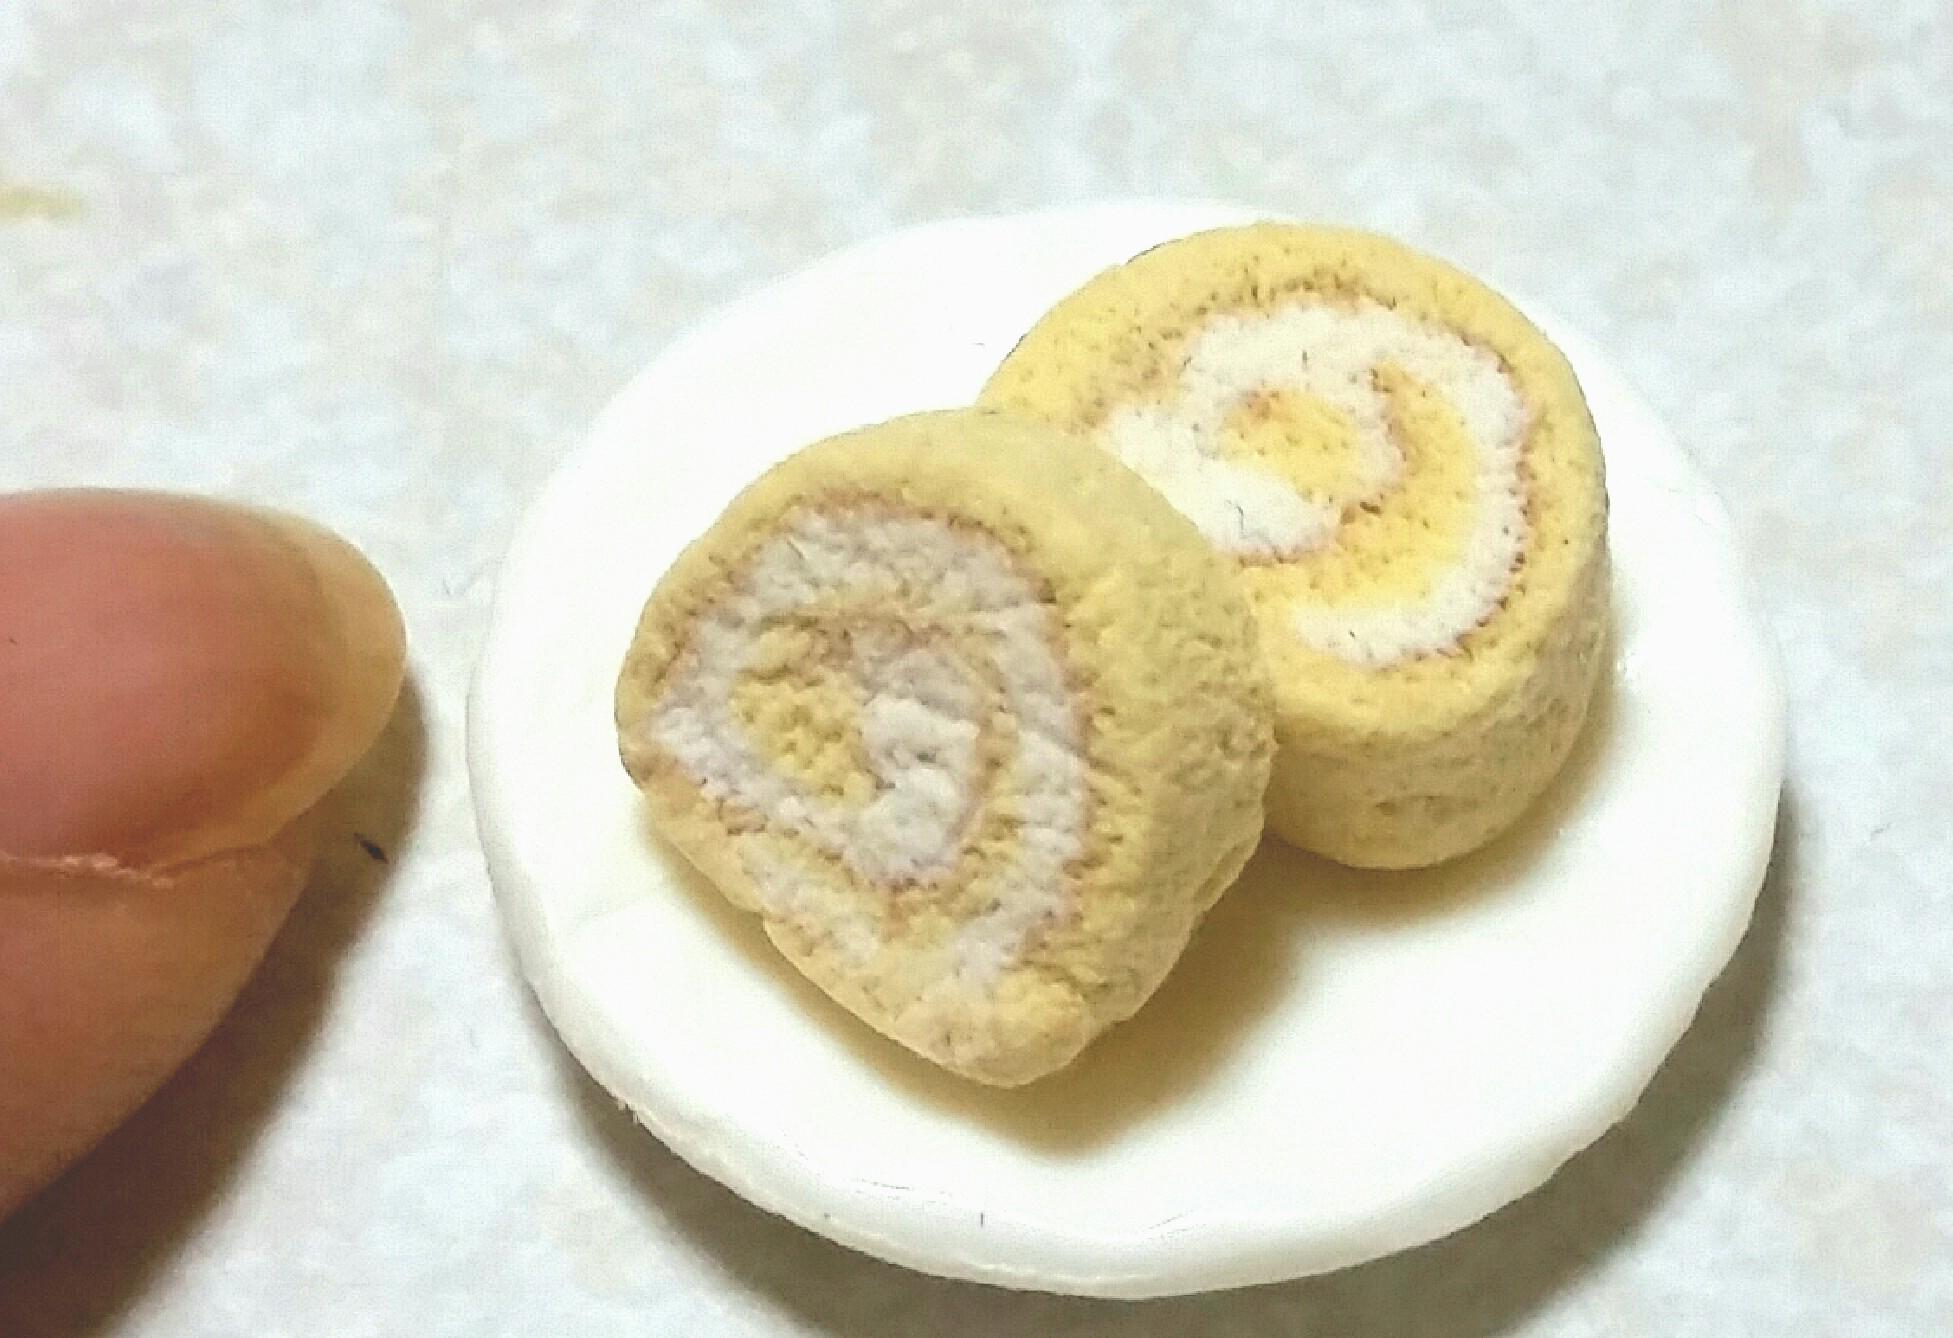 おいしいロールケーキ,人気おすすめ美味しそうお洒落,粘土,ブログ